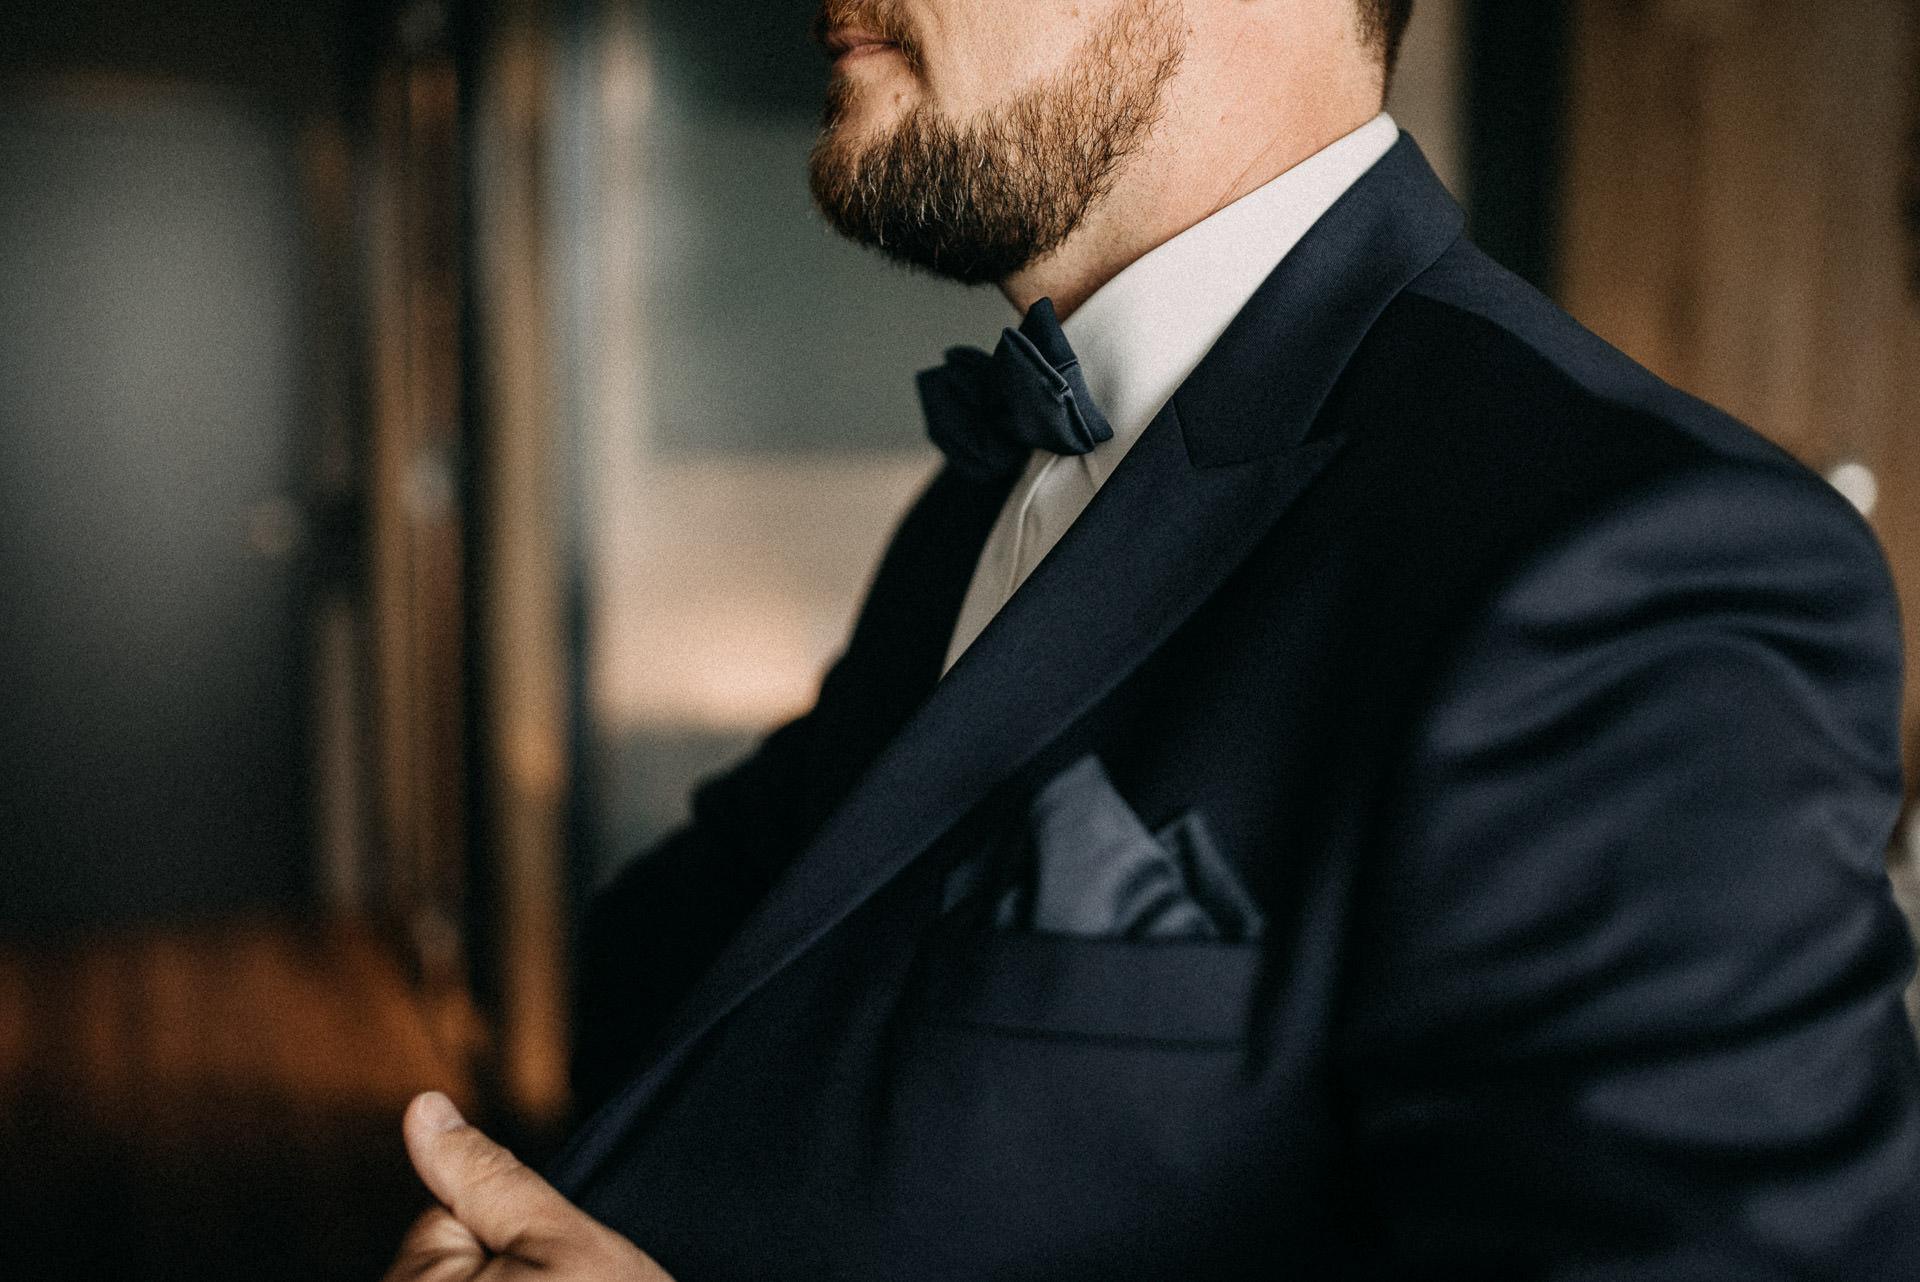 keszulodes volegeny ing nyakkendo zako